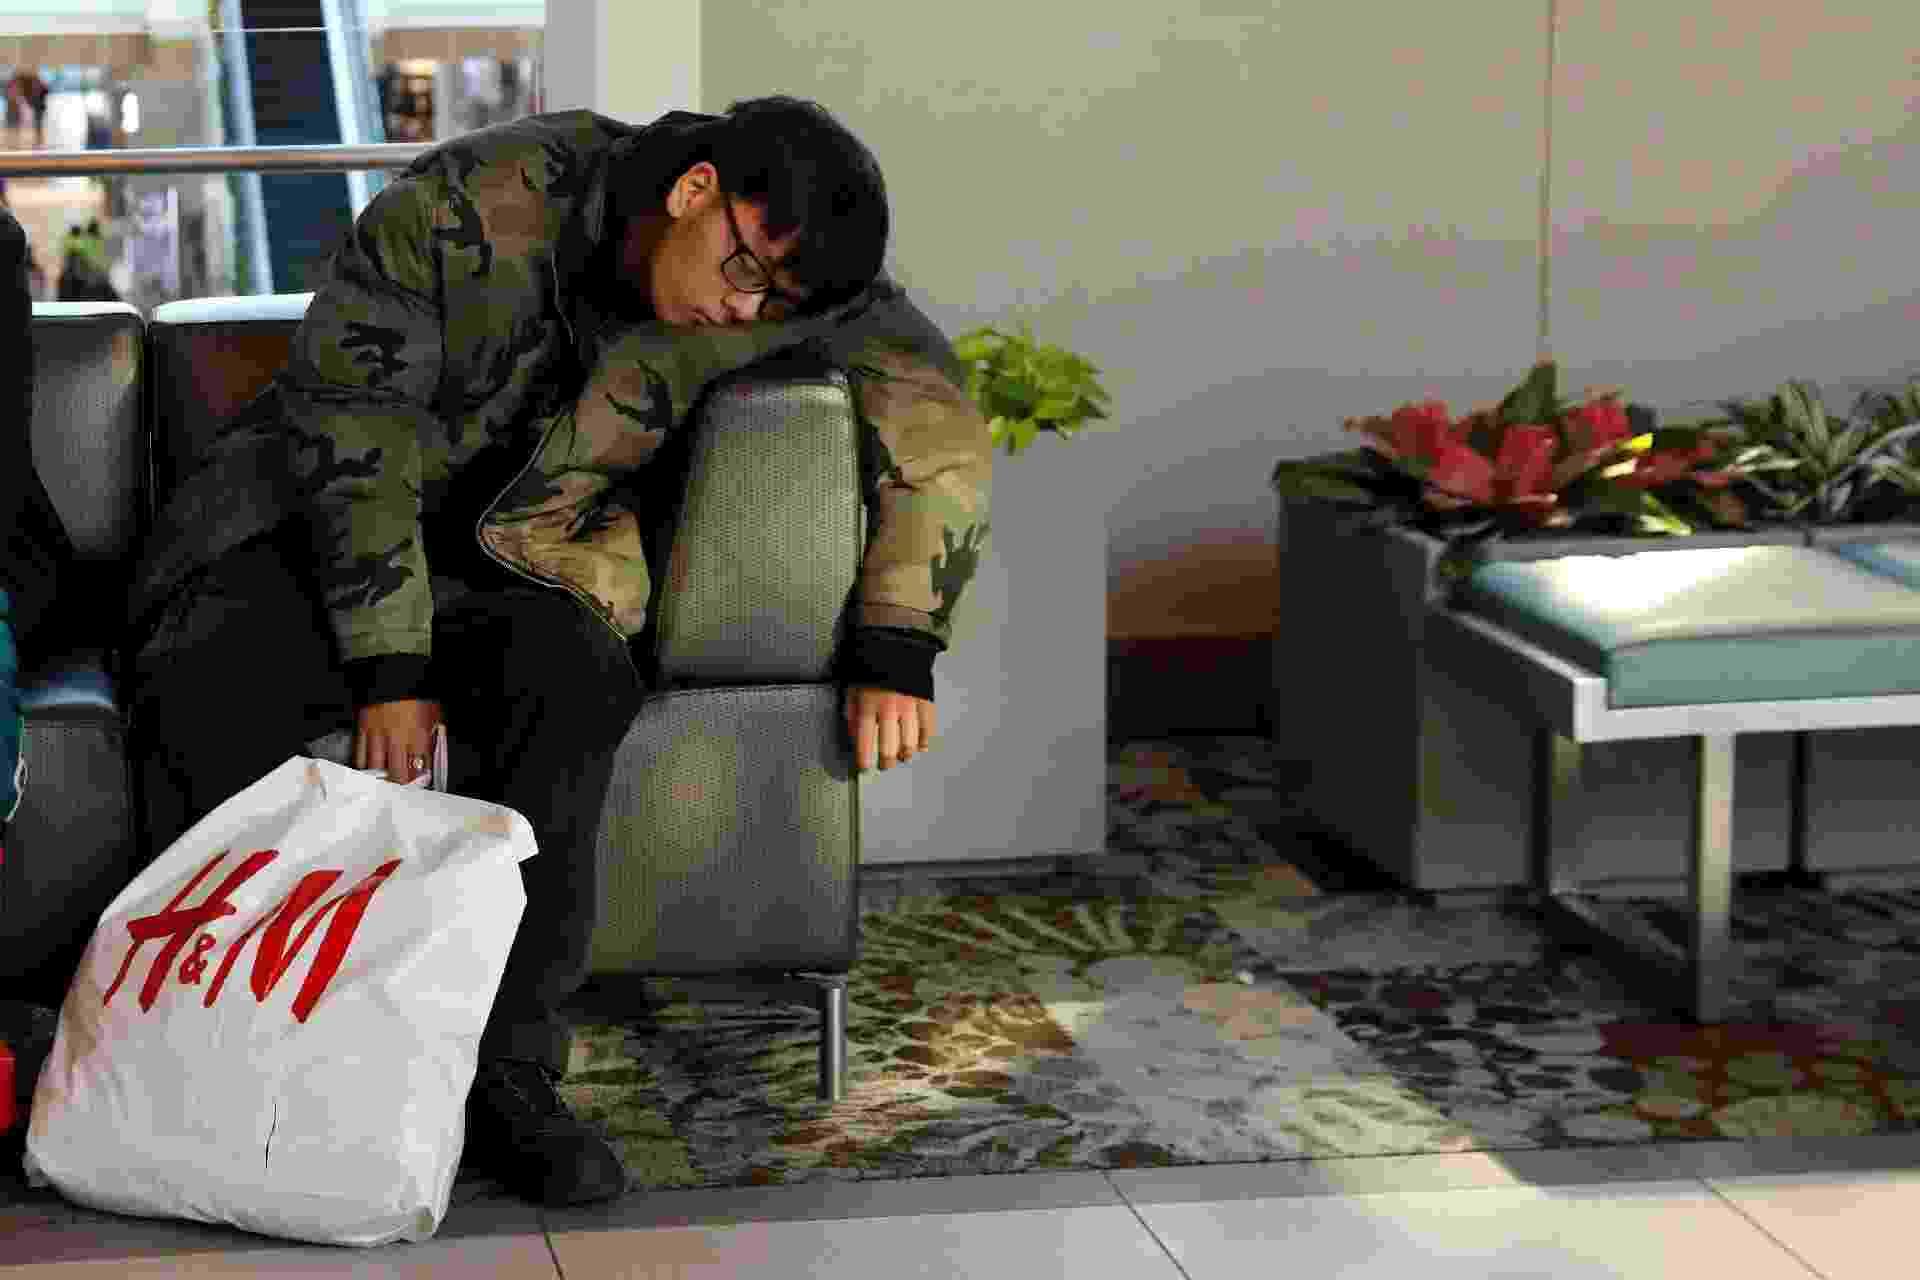 23.nov.2018 - Consumidor cochila em um sofá do shopping Roosevelt Field, em Garden City, Nova York, durante as compras da Black Friday nesta sexta-feira - Shannon Stapleton/Reuters